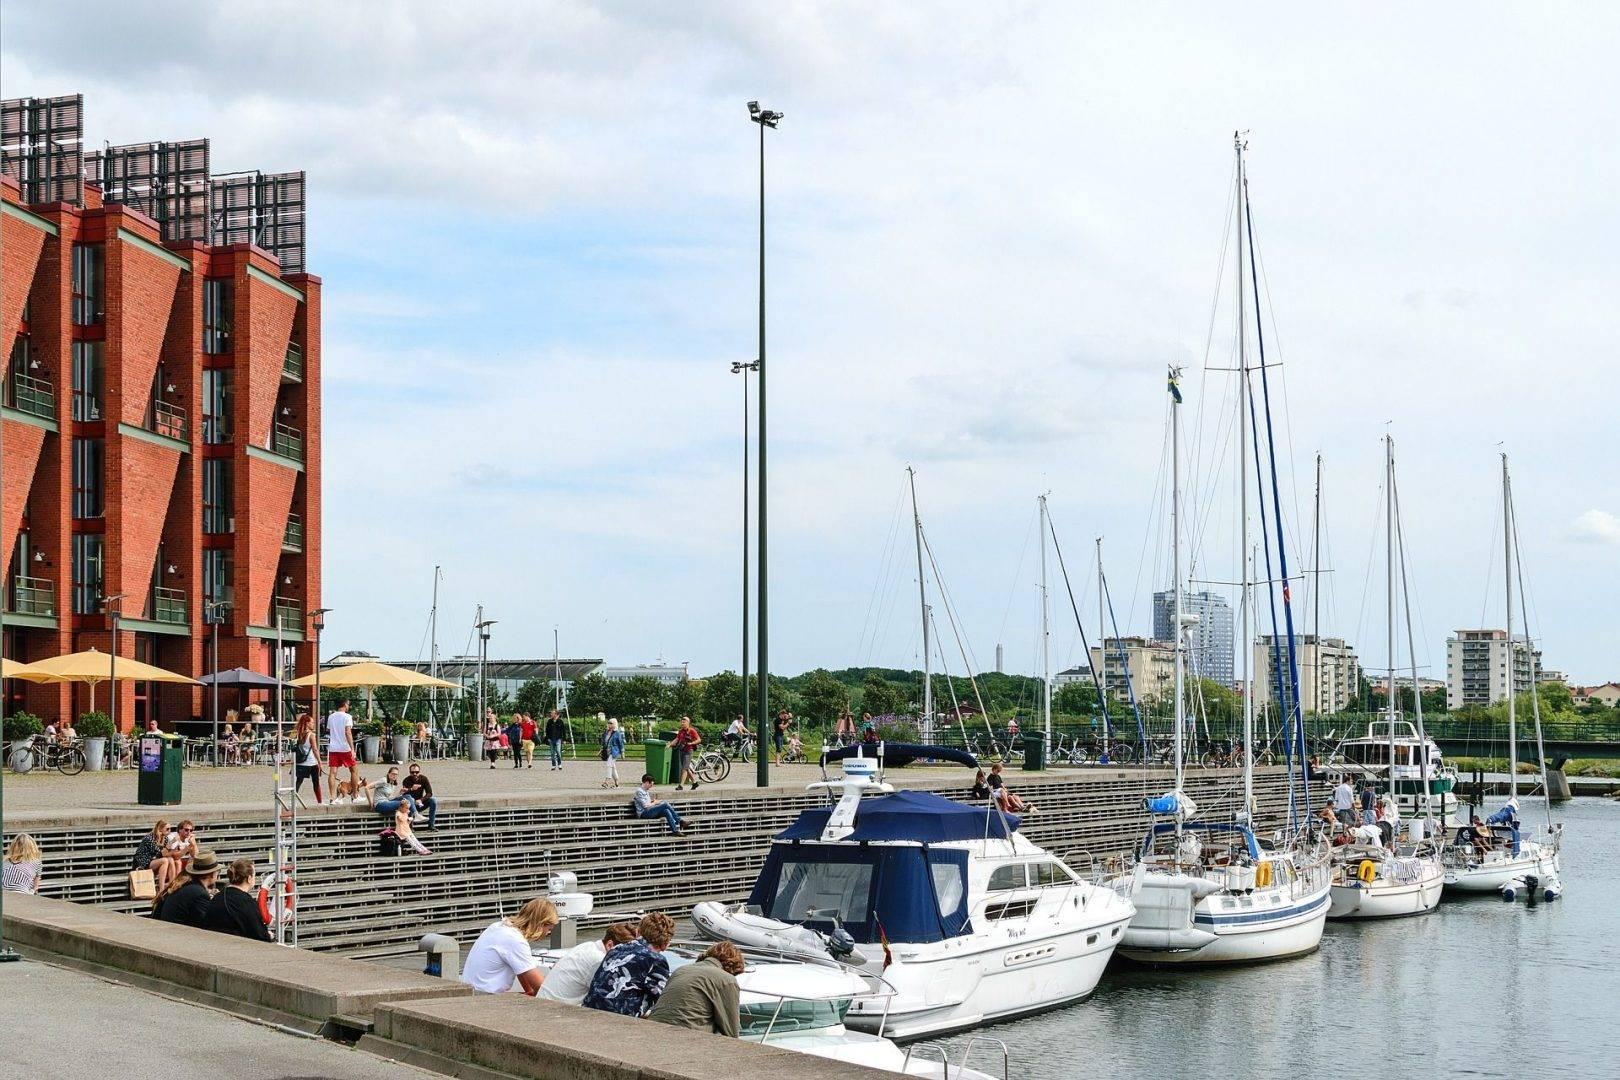 Rejs firmowy do Kopenhagi i Malmo 3 dni